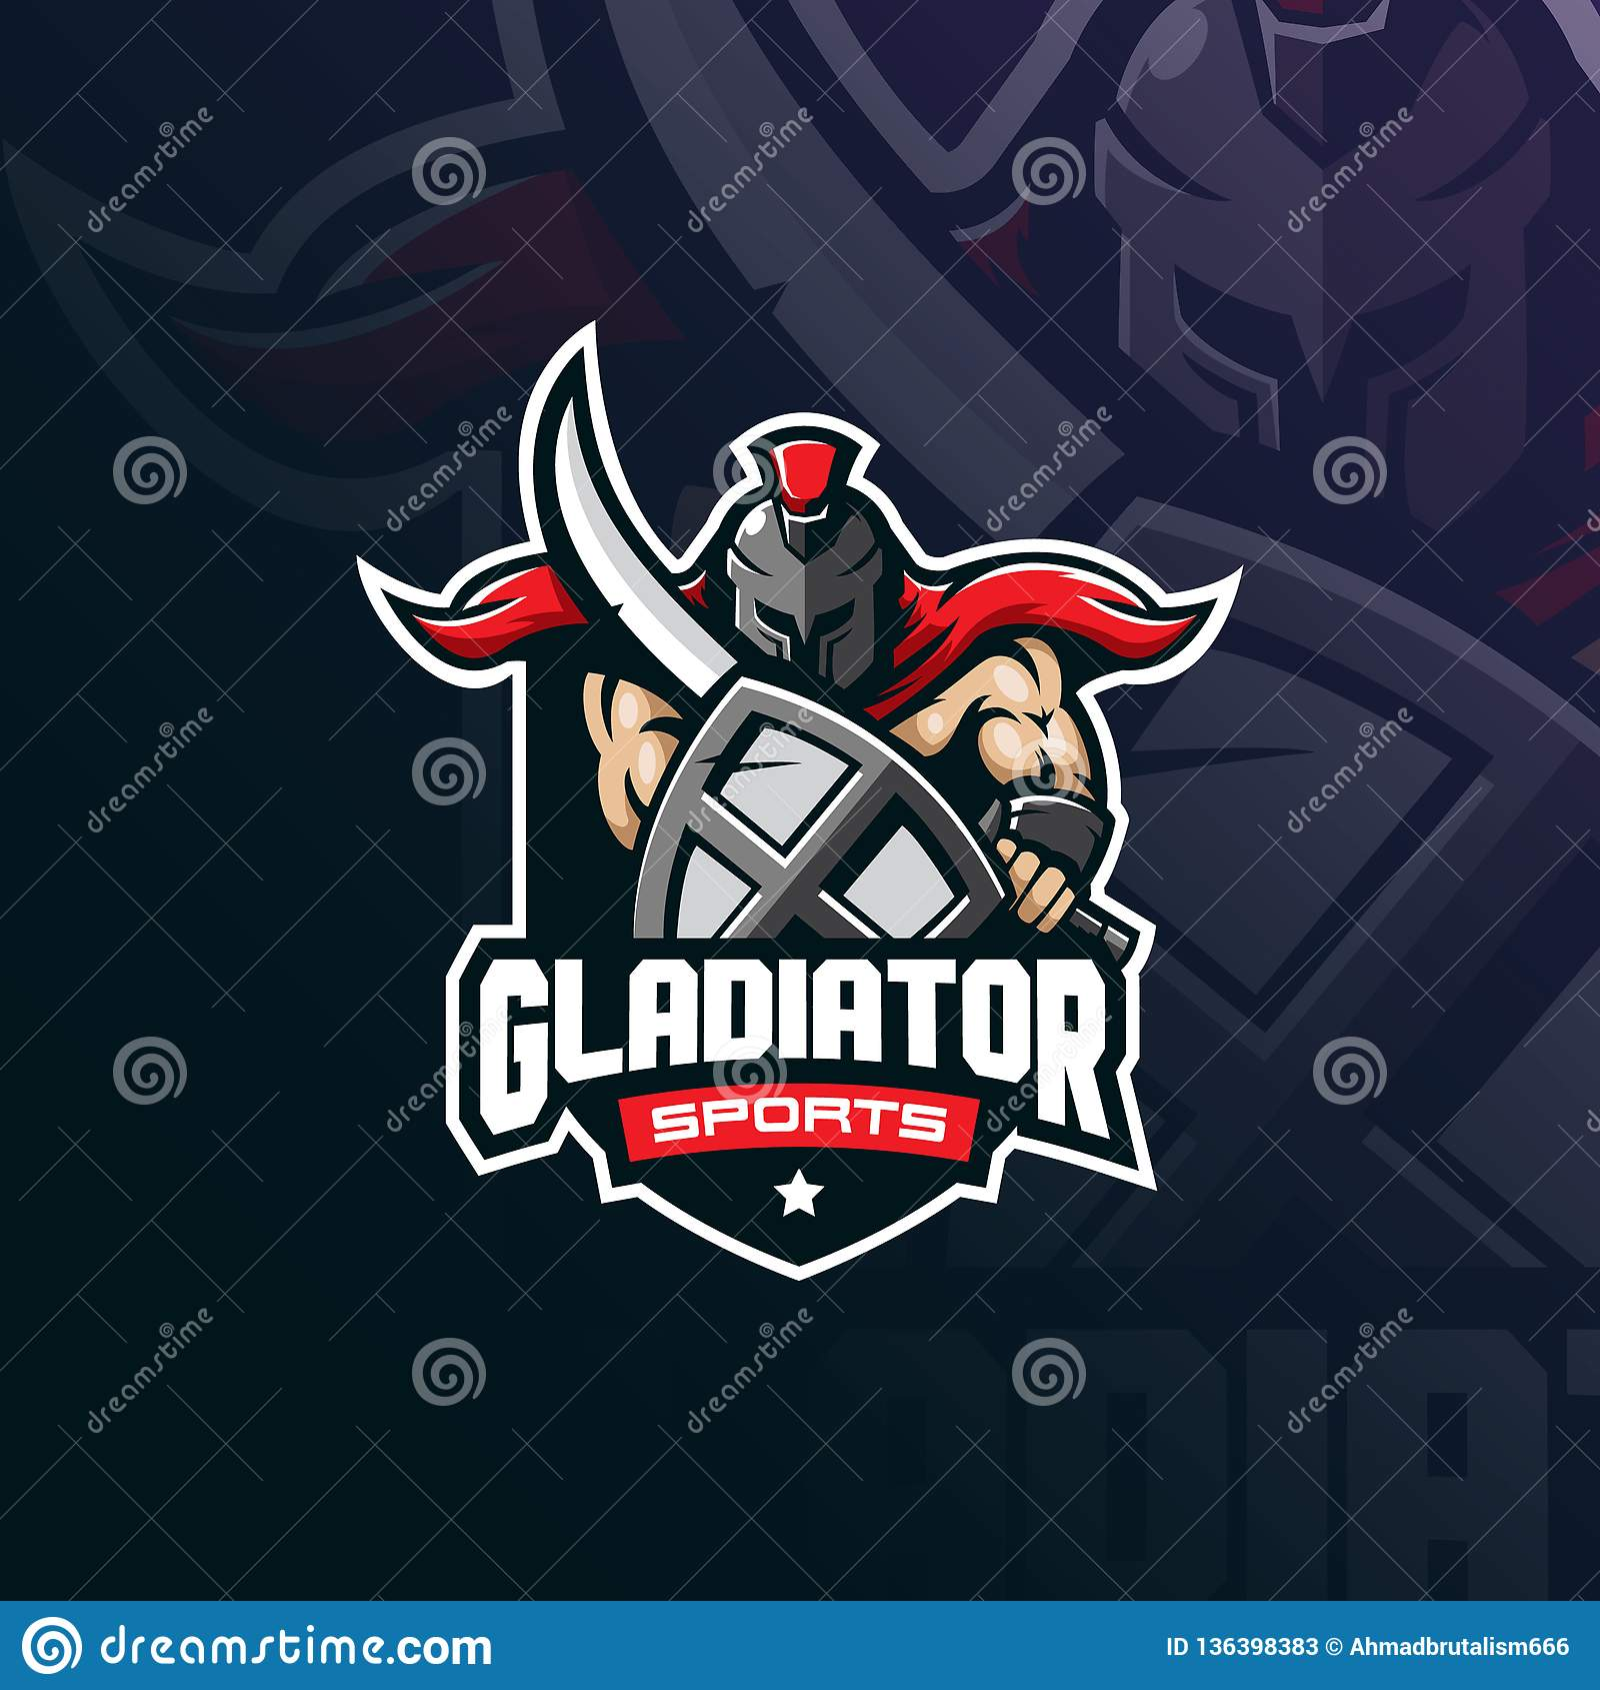 Gladiator διάνυσμα σχεδίου λογότυπων μασκότ με το σύγχρονο ύφος έννοιας απεικόνισης για την εκτύπωση διακριτικών, εμβλημάτων και